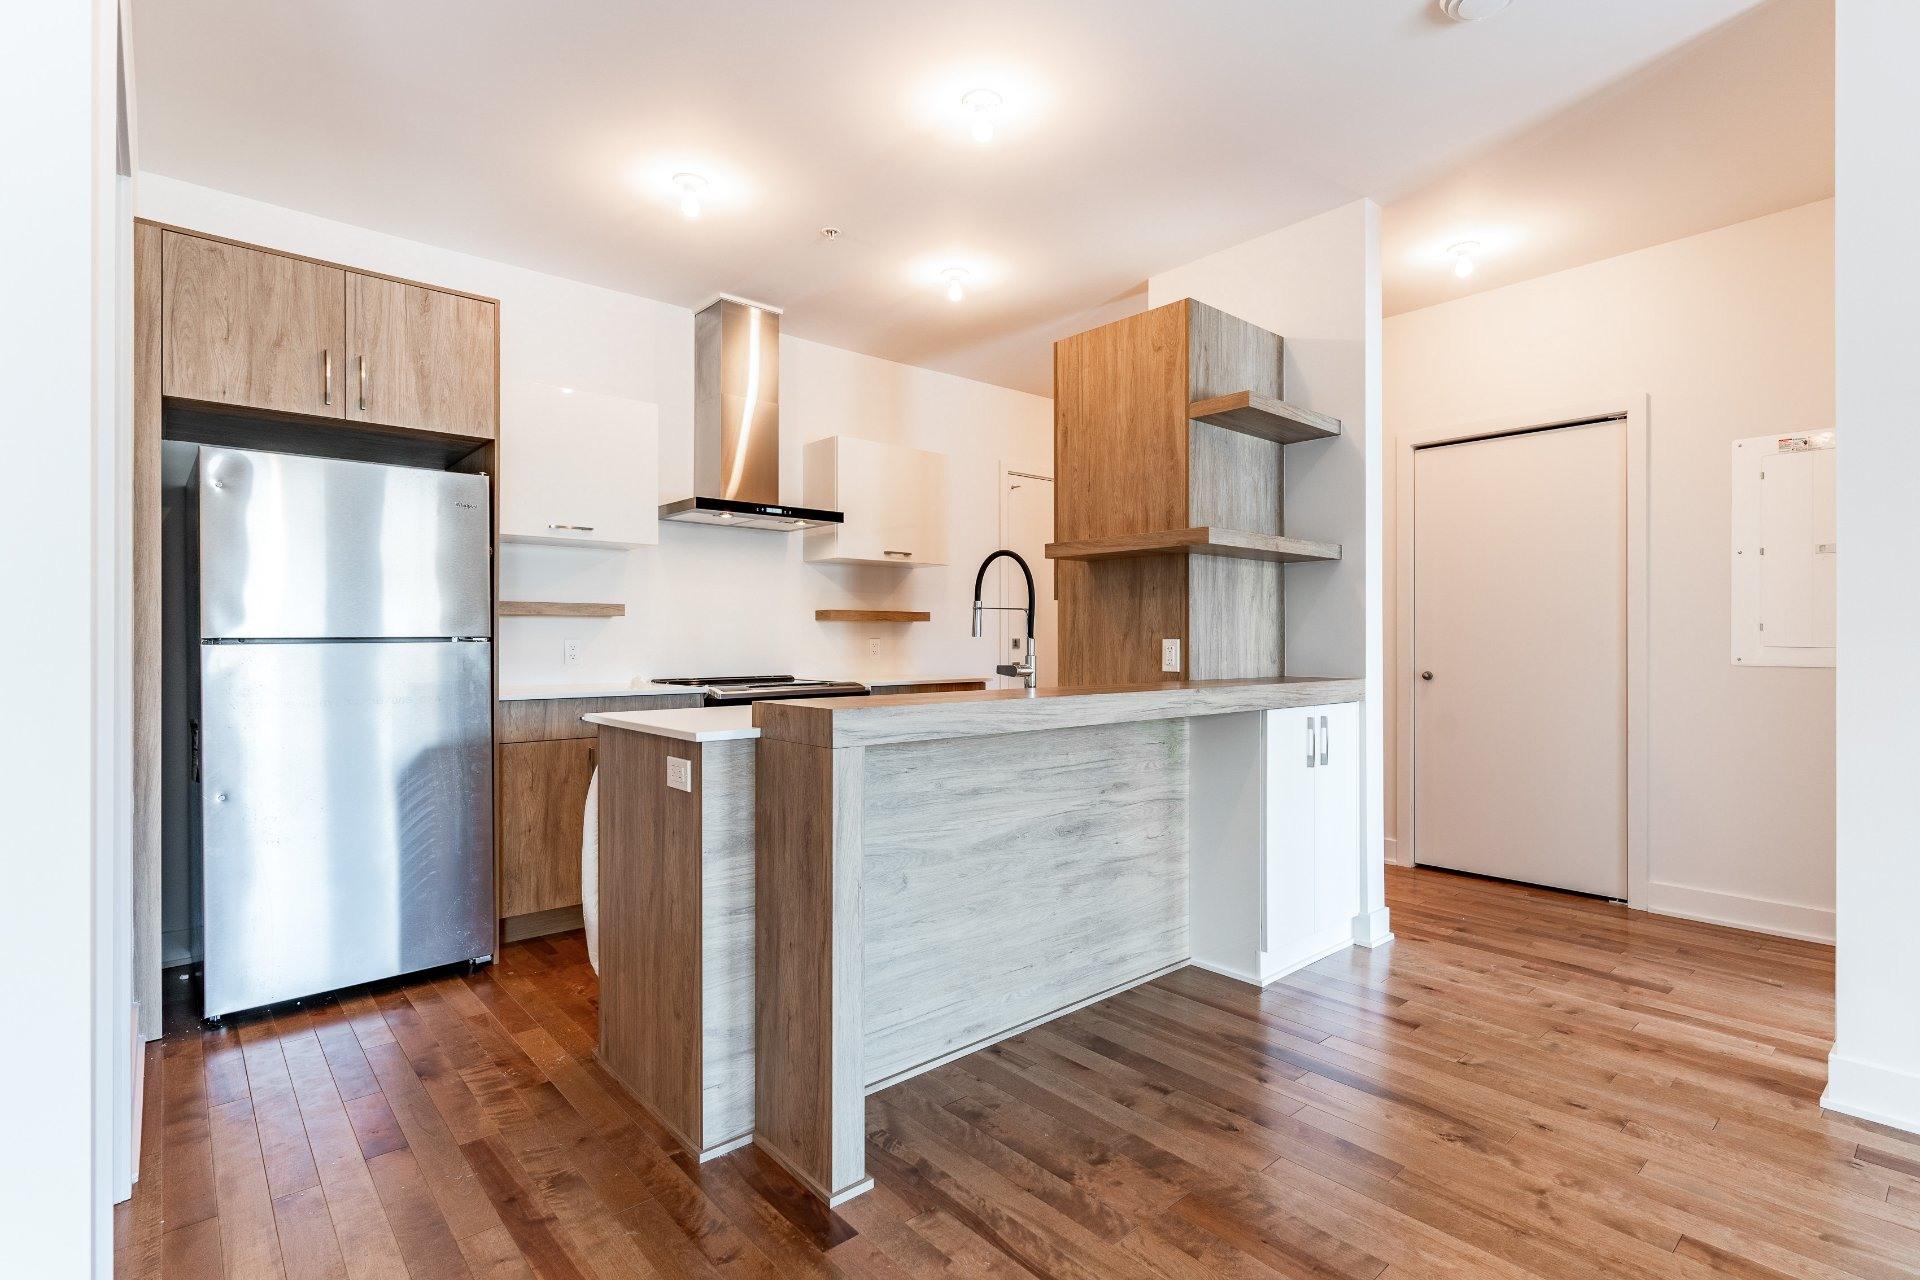 image 2 - Appartement À louer Rosemont/La Petite-Patrie Montréal  - 7 pièces